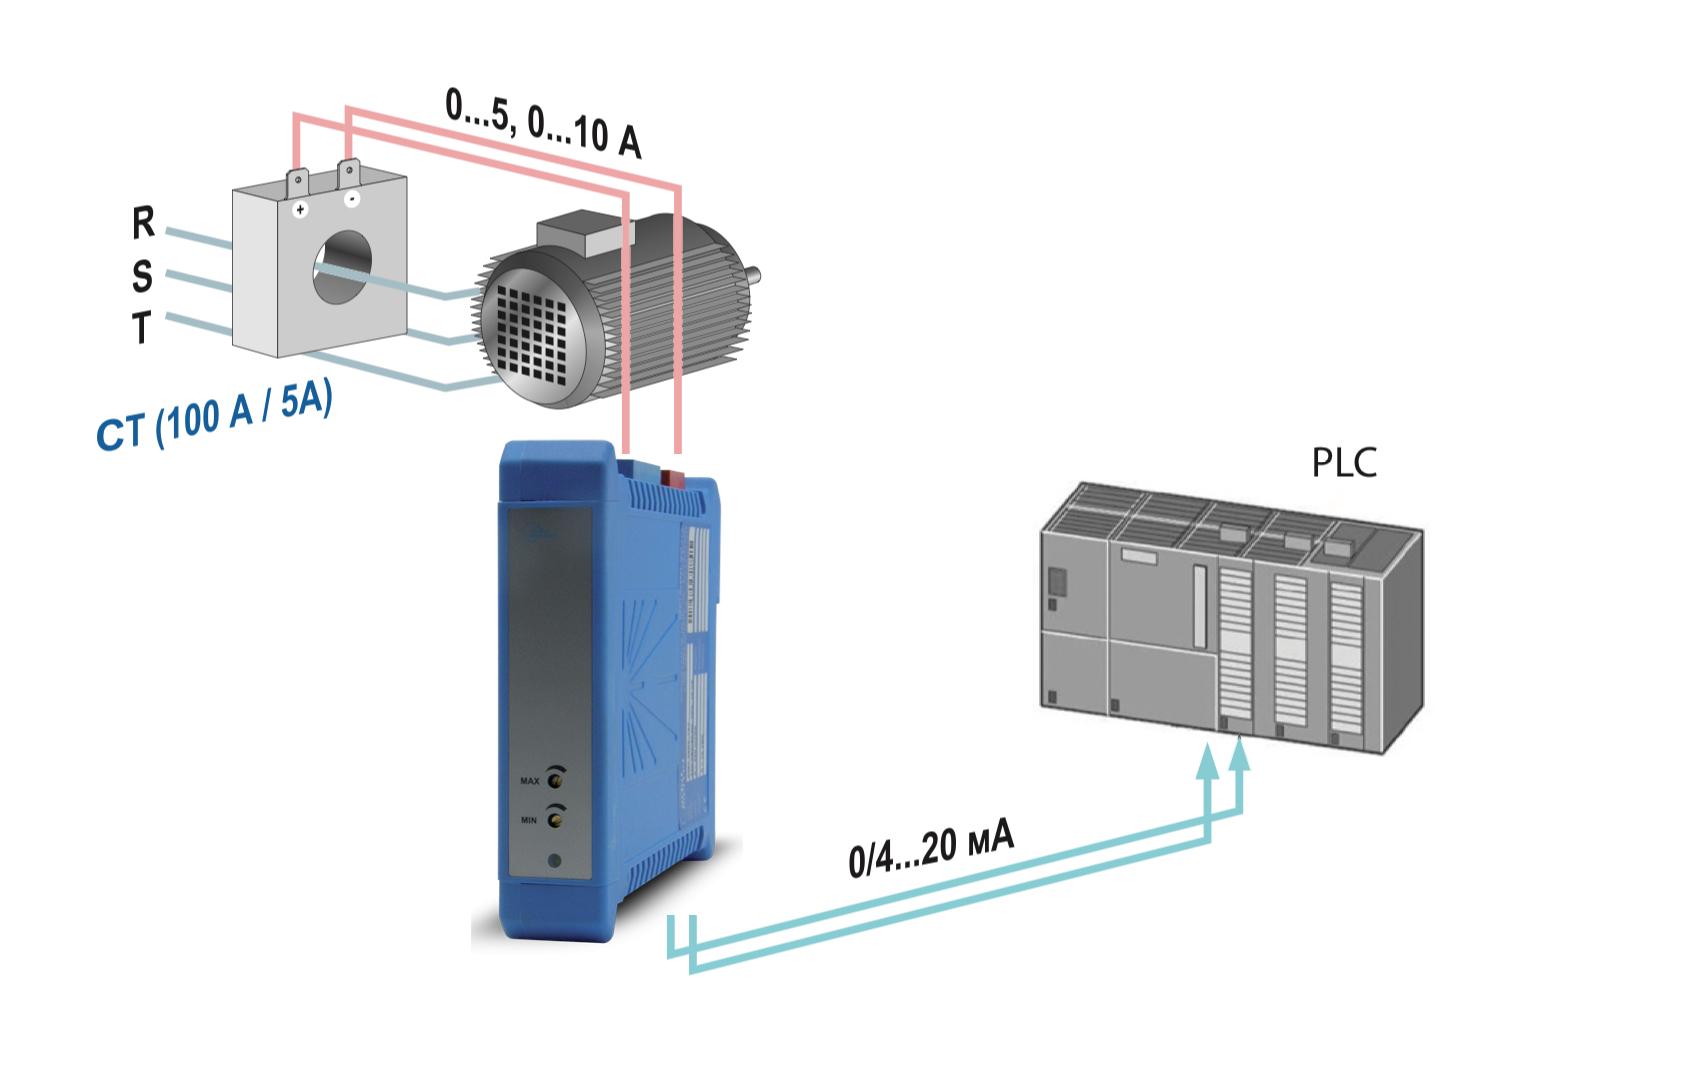 Ứng dụng Bộ chuyển tín hiệu CT dòng sang 4-20mA